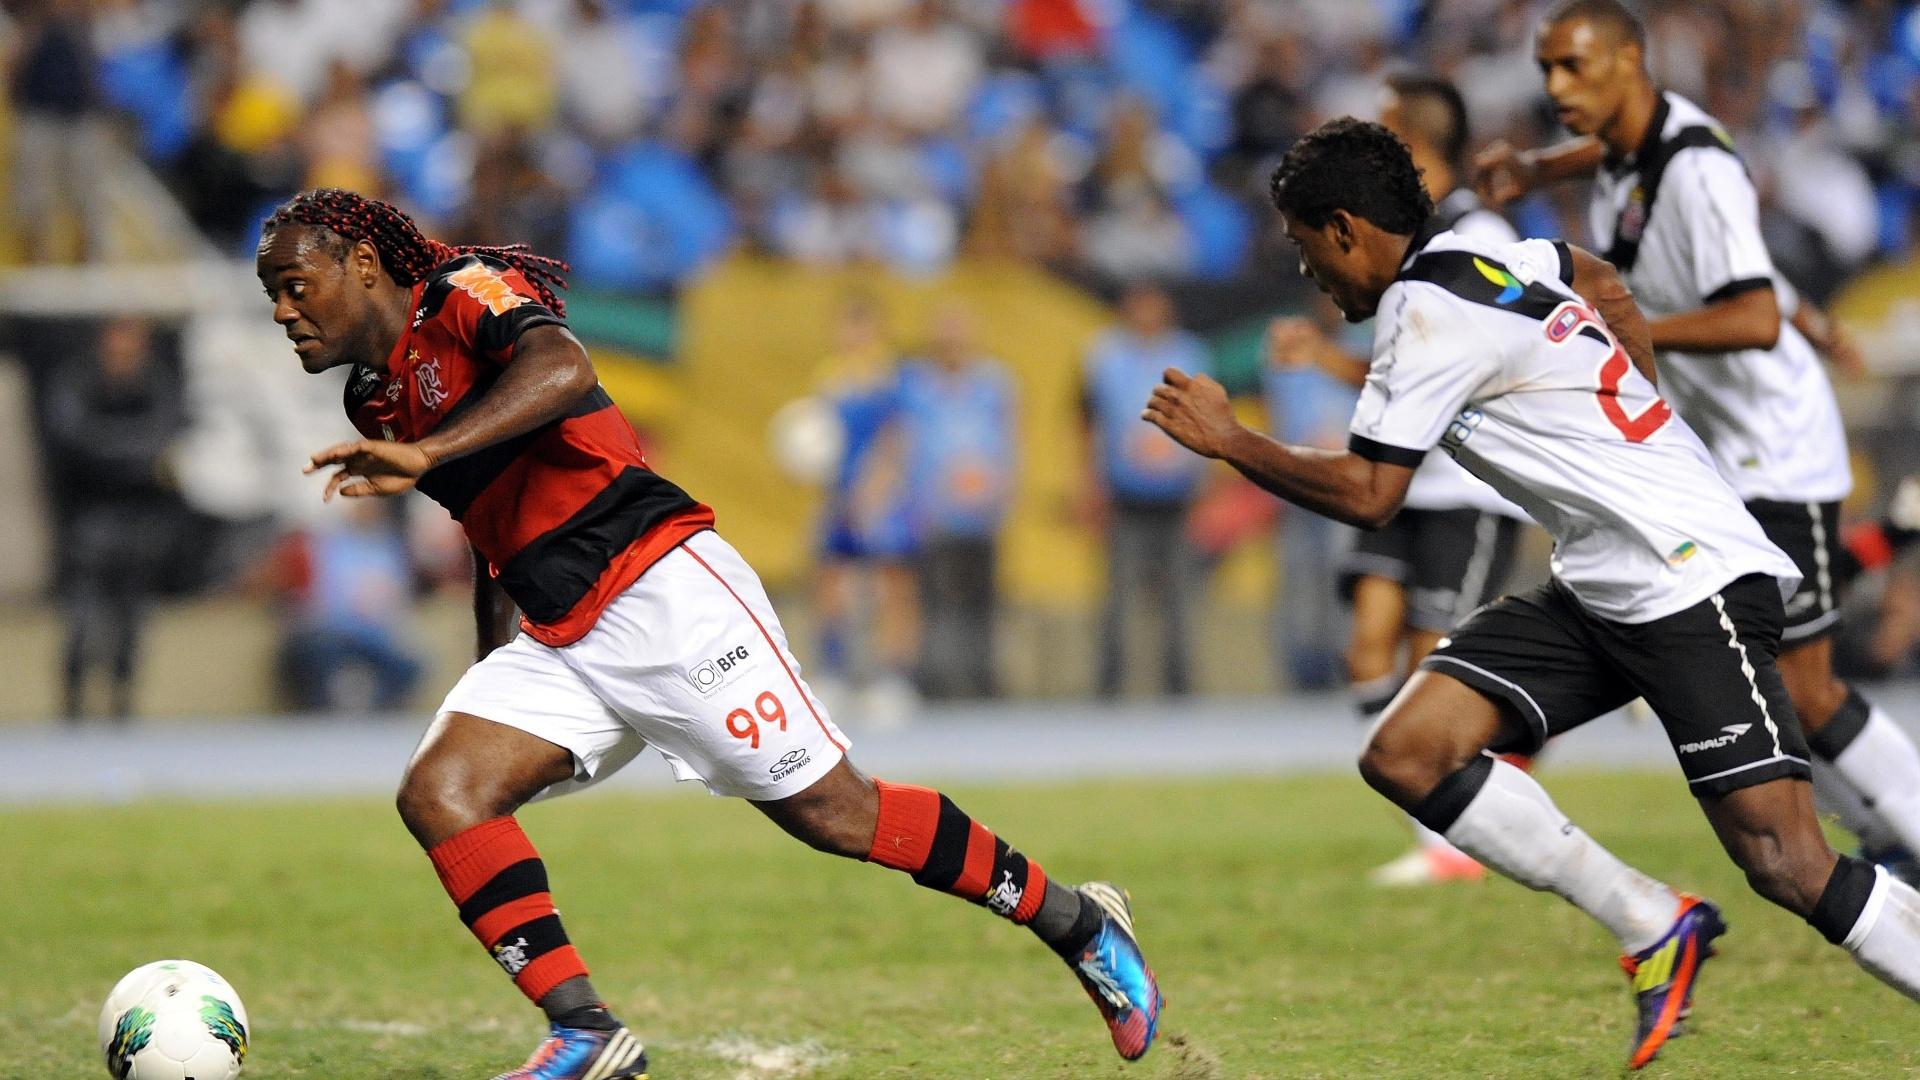 Vagner Love (e) parte com a bola marcado por jogadores do Vasco no clássico entre os dois times no primeiro turno do BR 2011